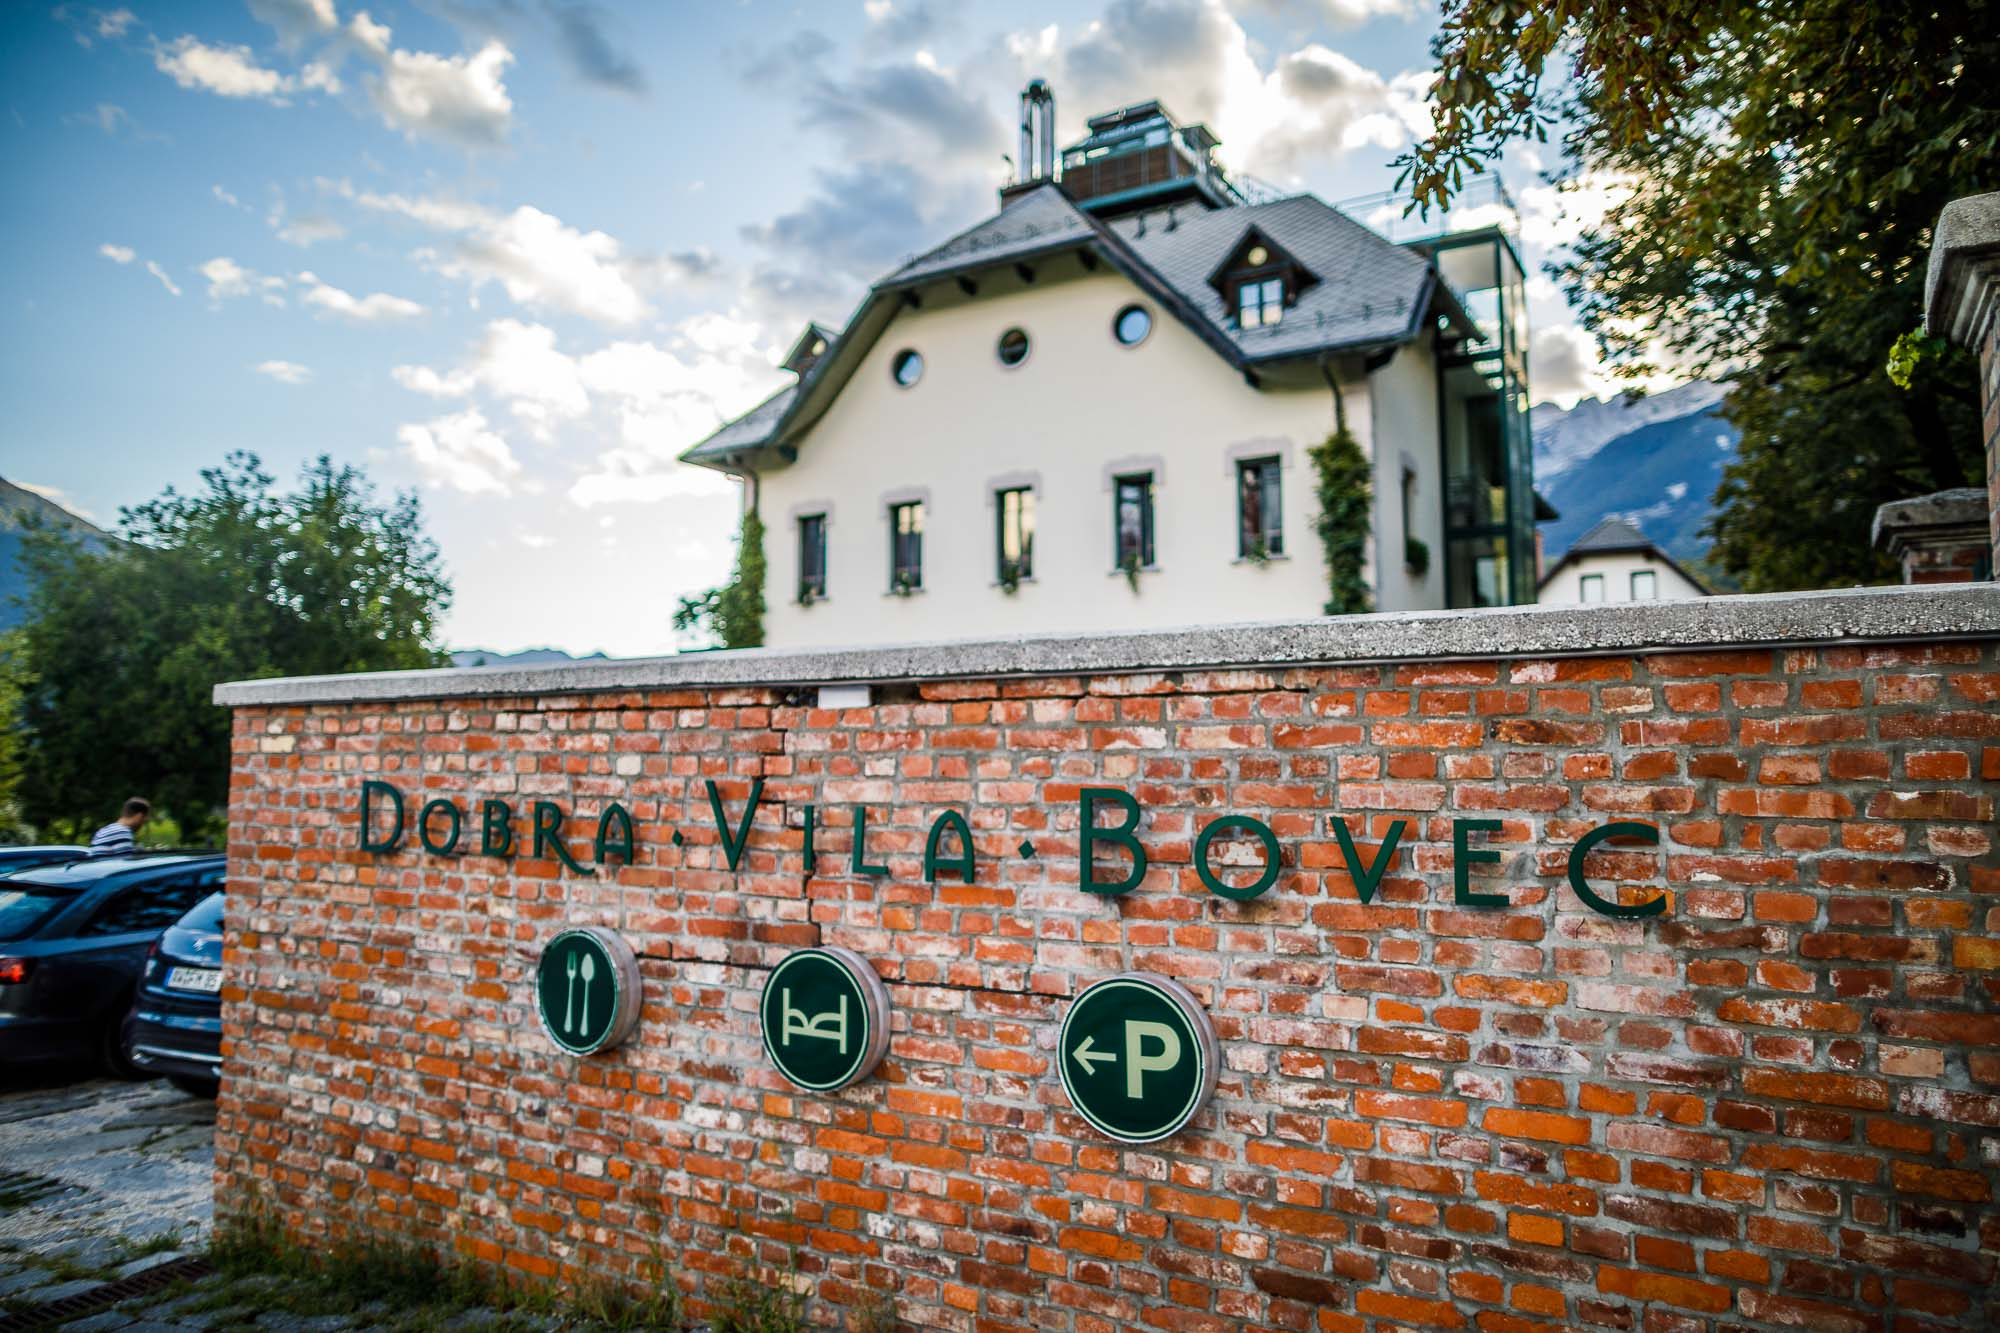 Dobra Vila Bovec - www.jusmedic.com